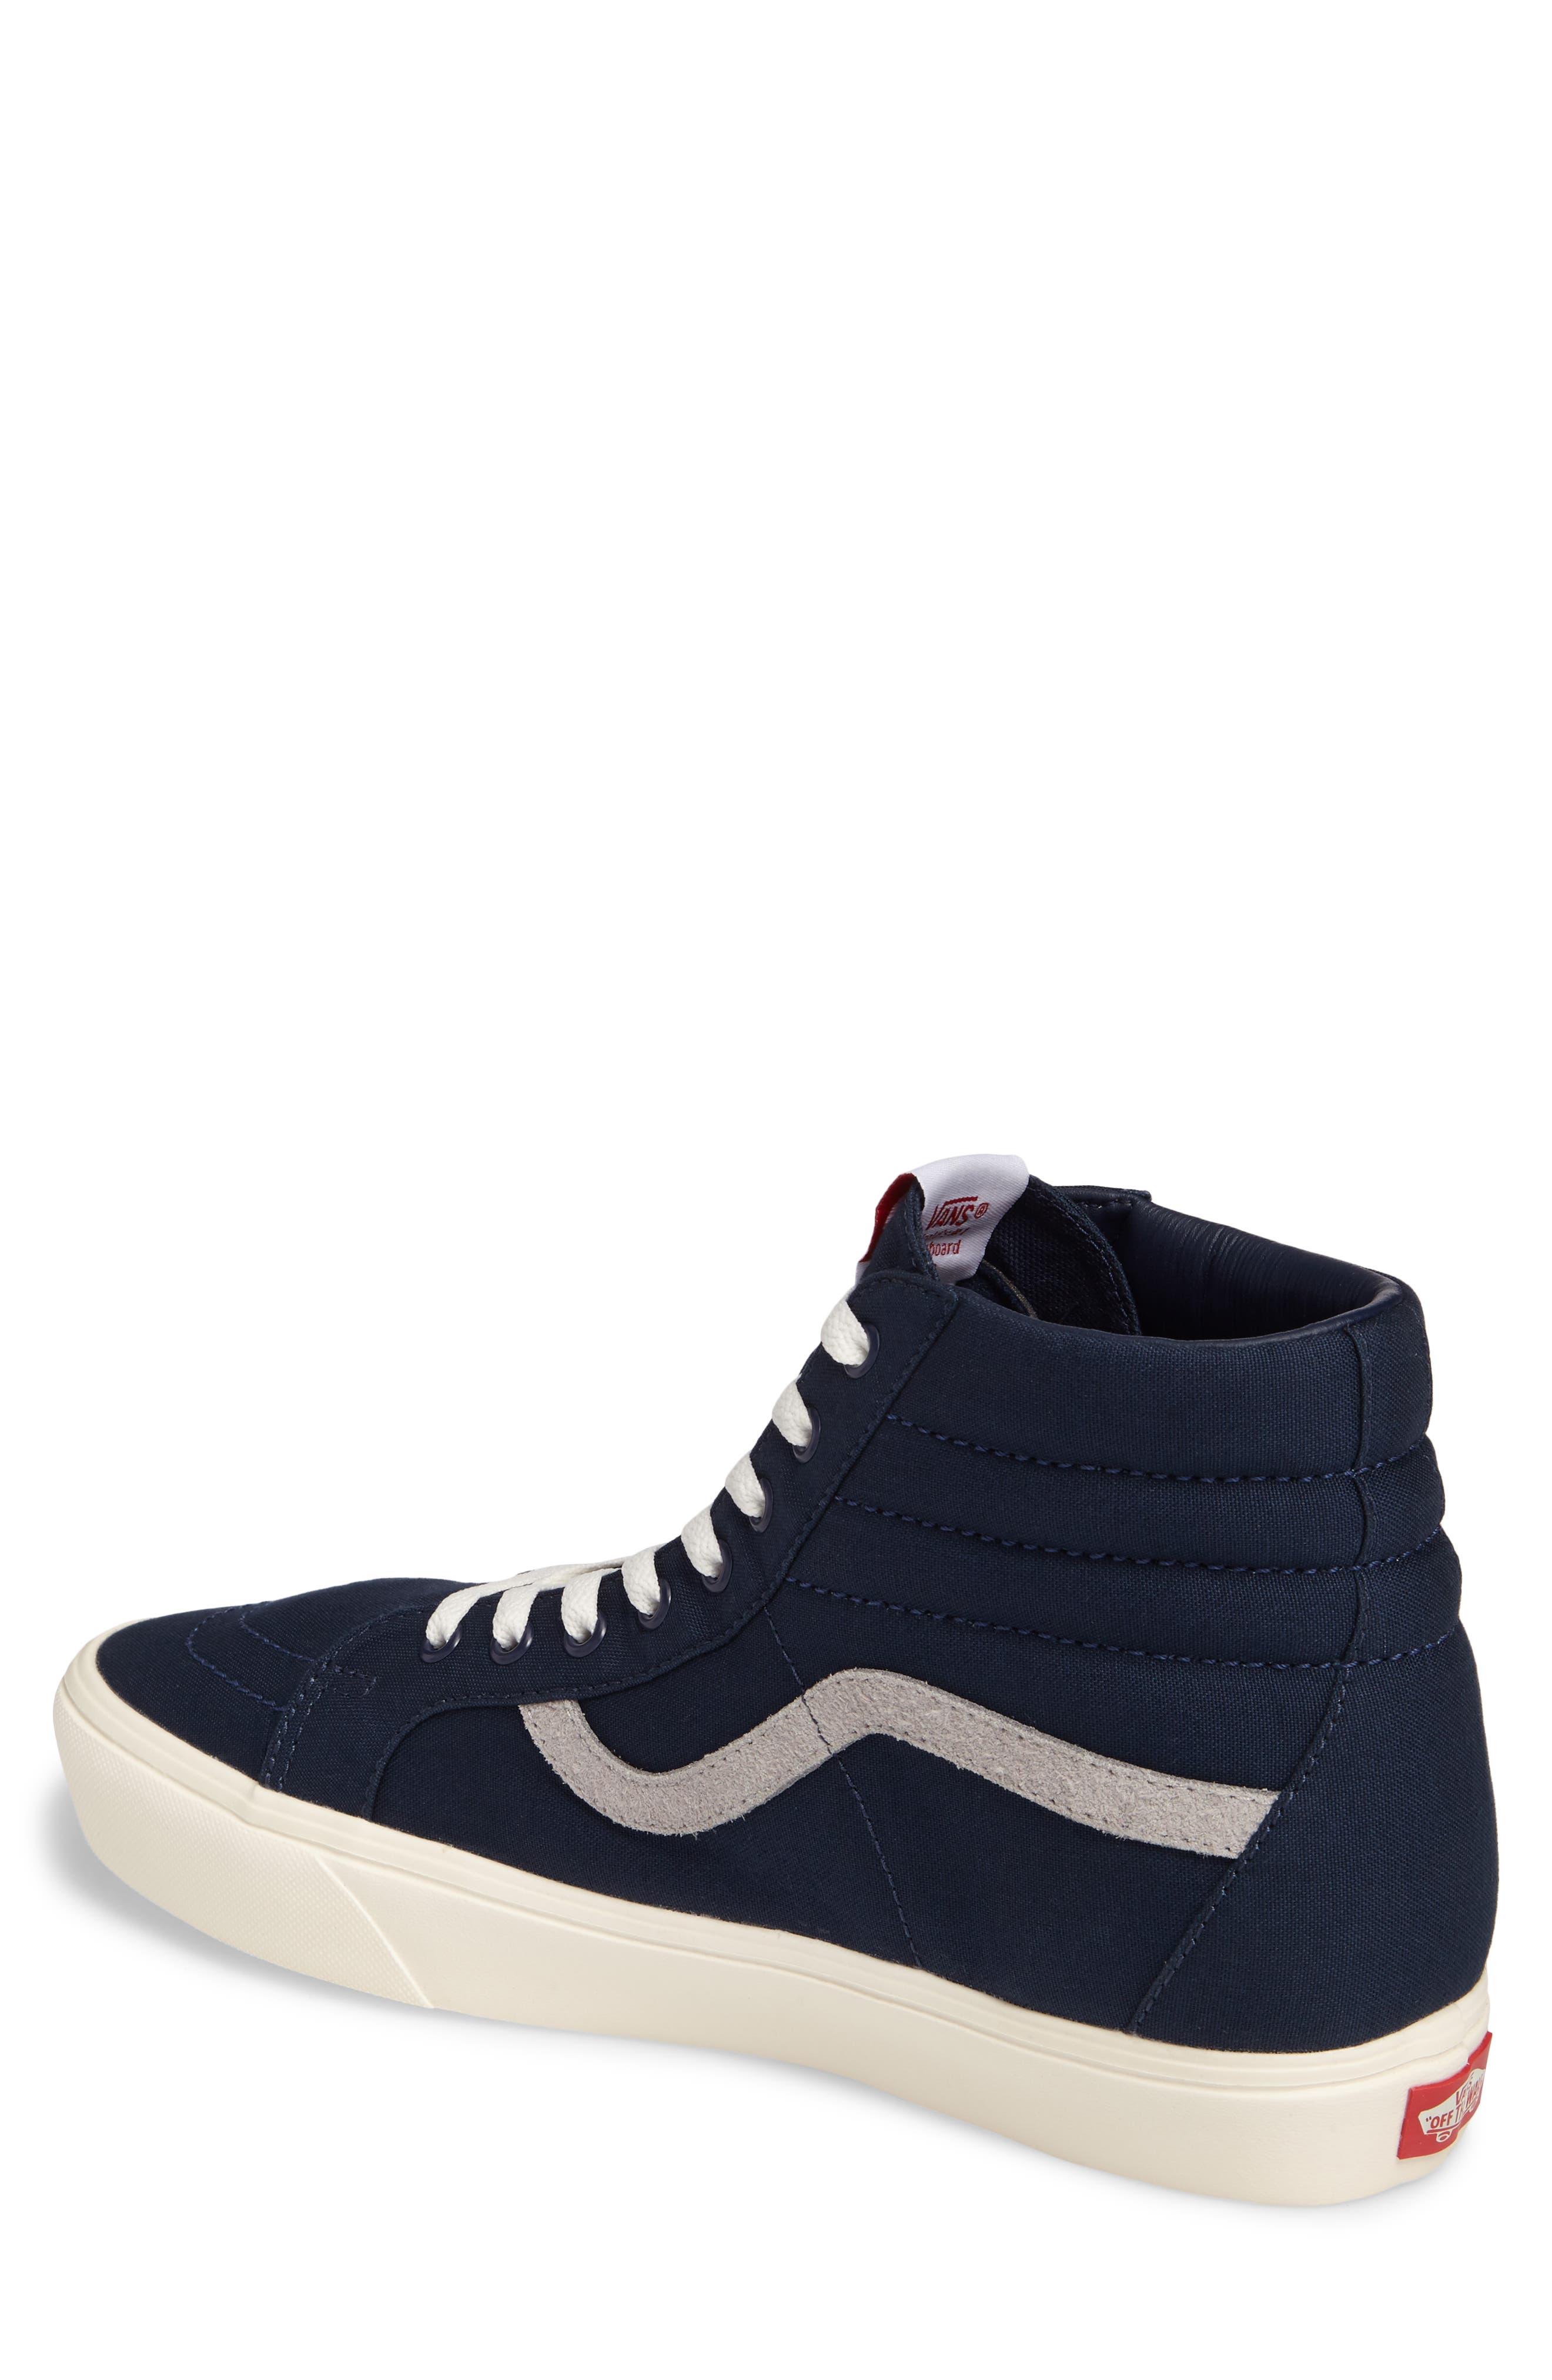 Sk80-Hi Reissue Lite Sneaker,                             Alternate thumbnail 2, color,                             420